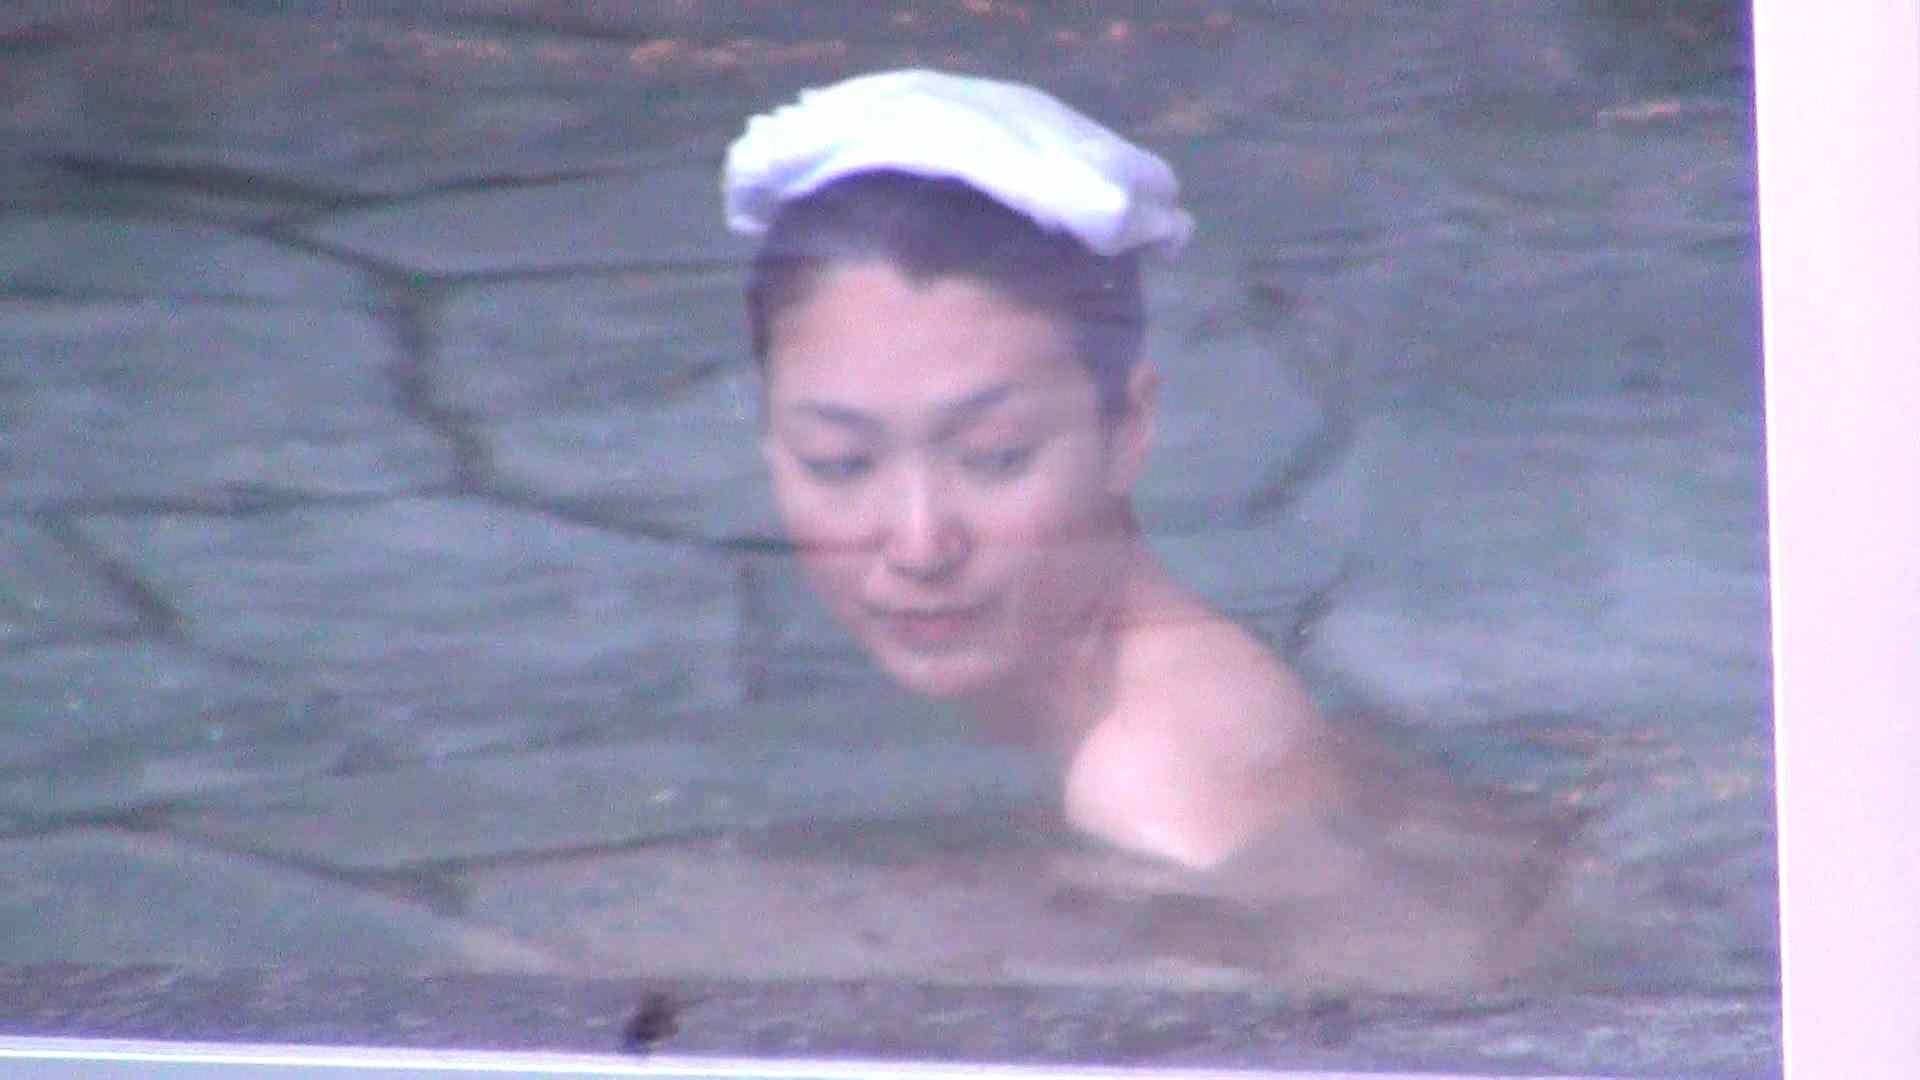 Aquaな露天風呂Vol.290 盗撮 | 露天  104pic 31